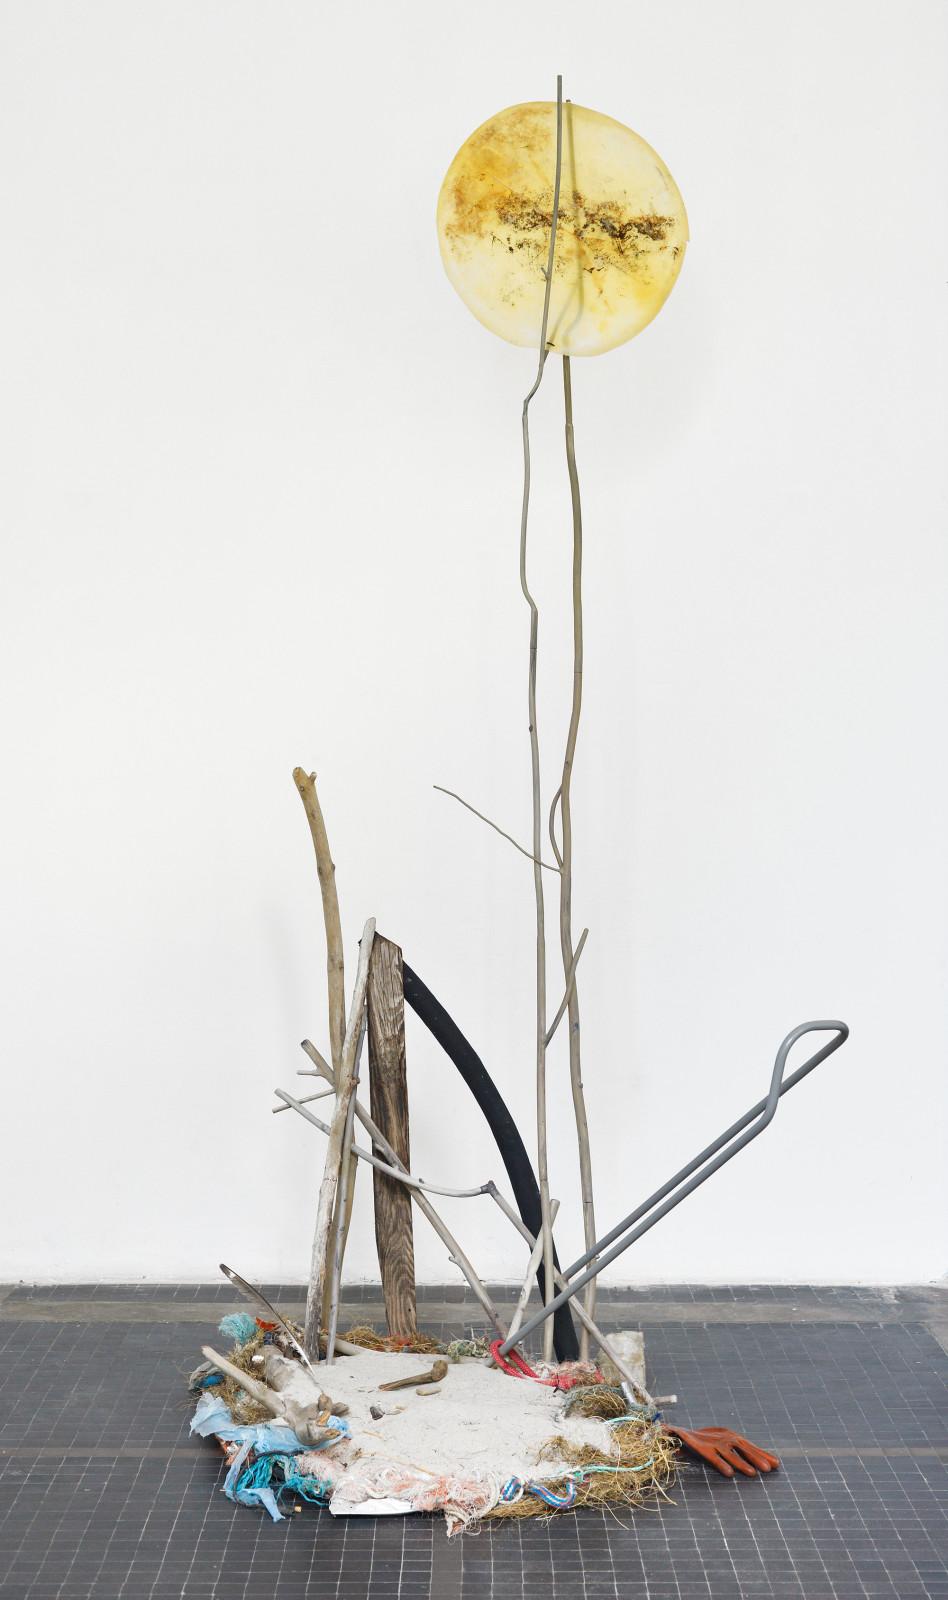 Olaf Brzeski, Handy Landscape, 2017, steel, objects found by the sea, 290 x 120 x 120 cm